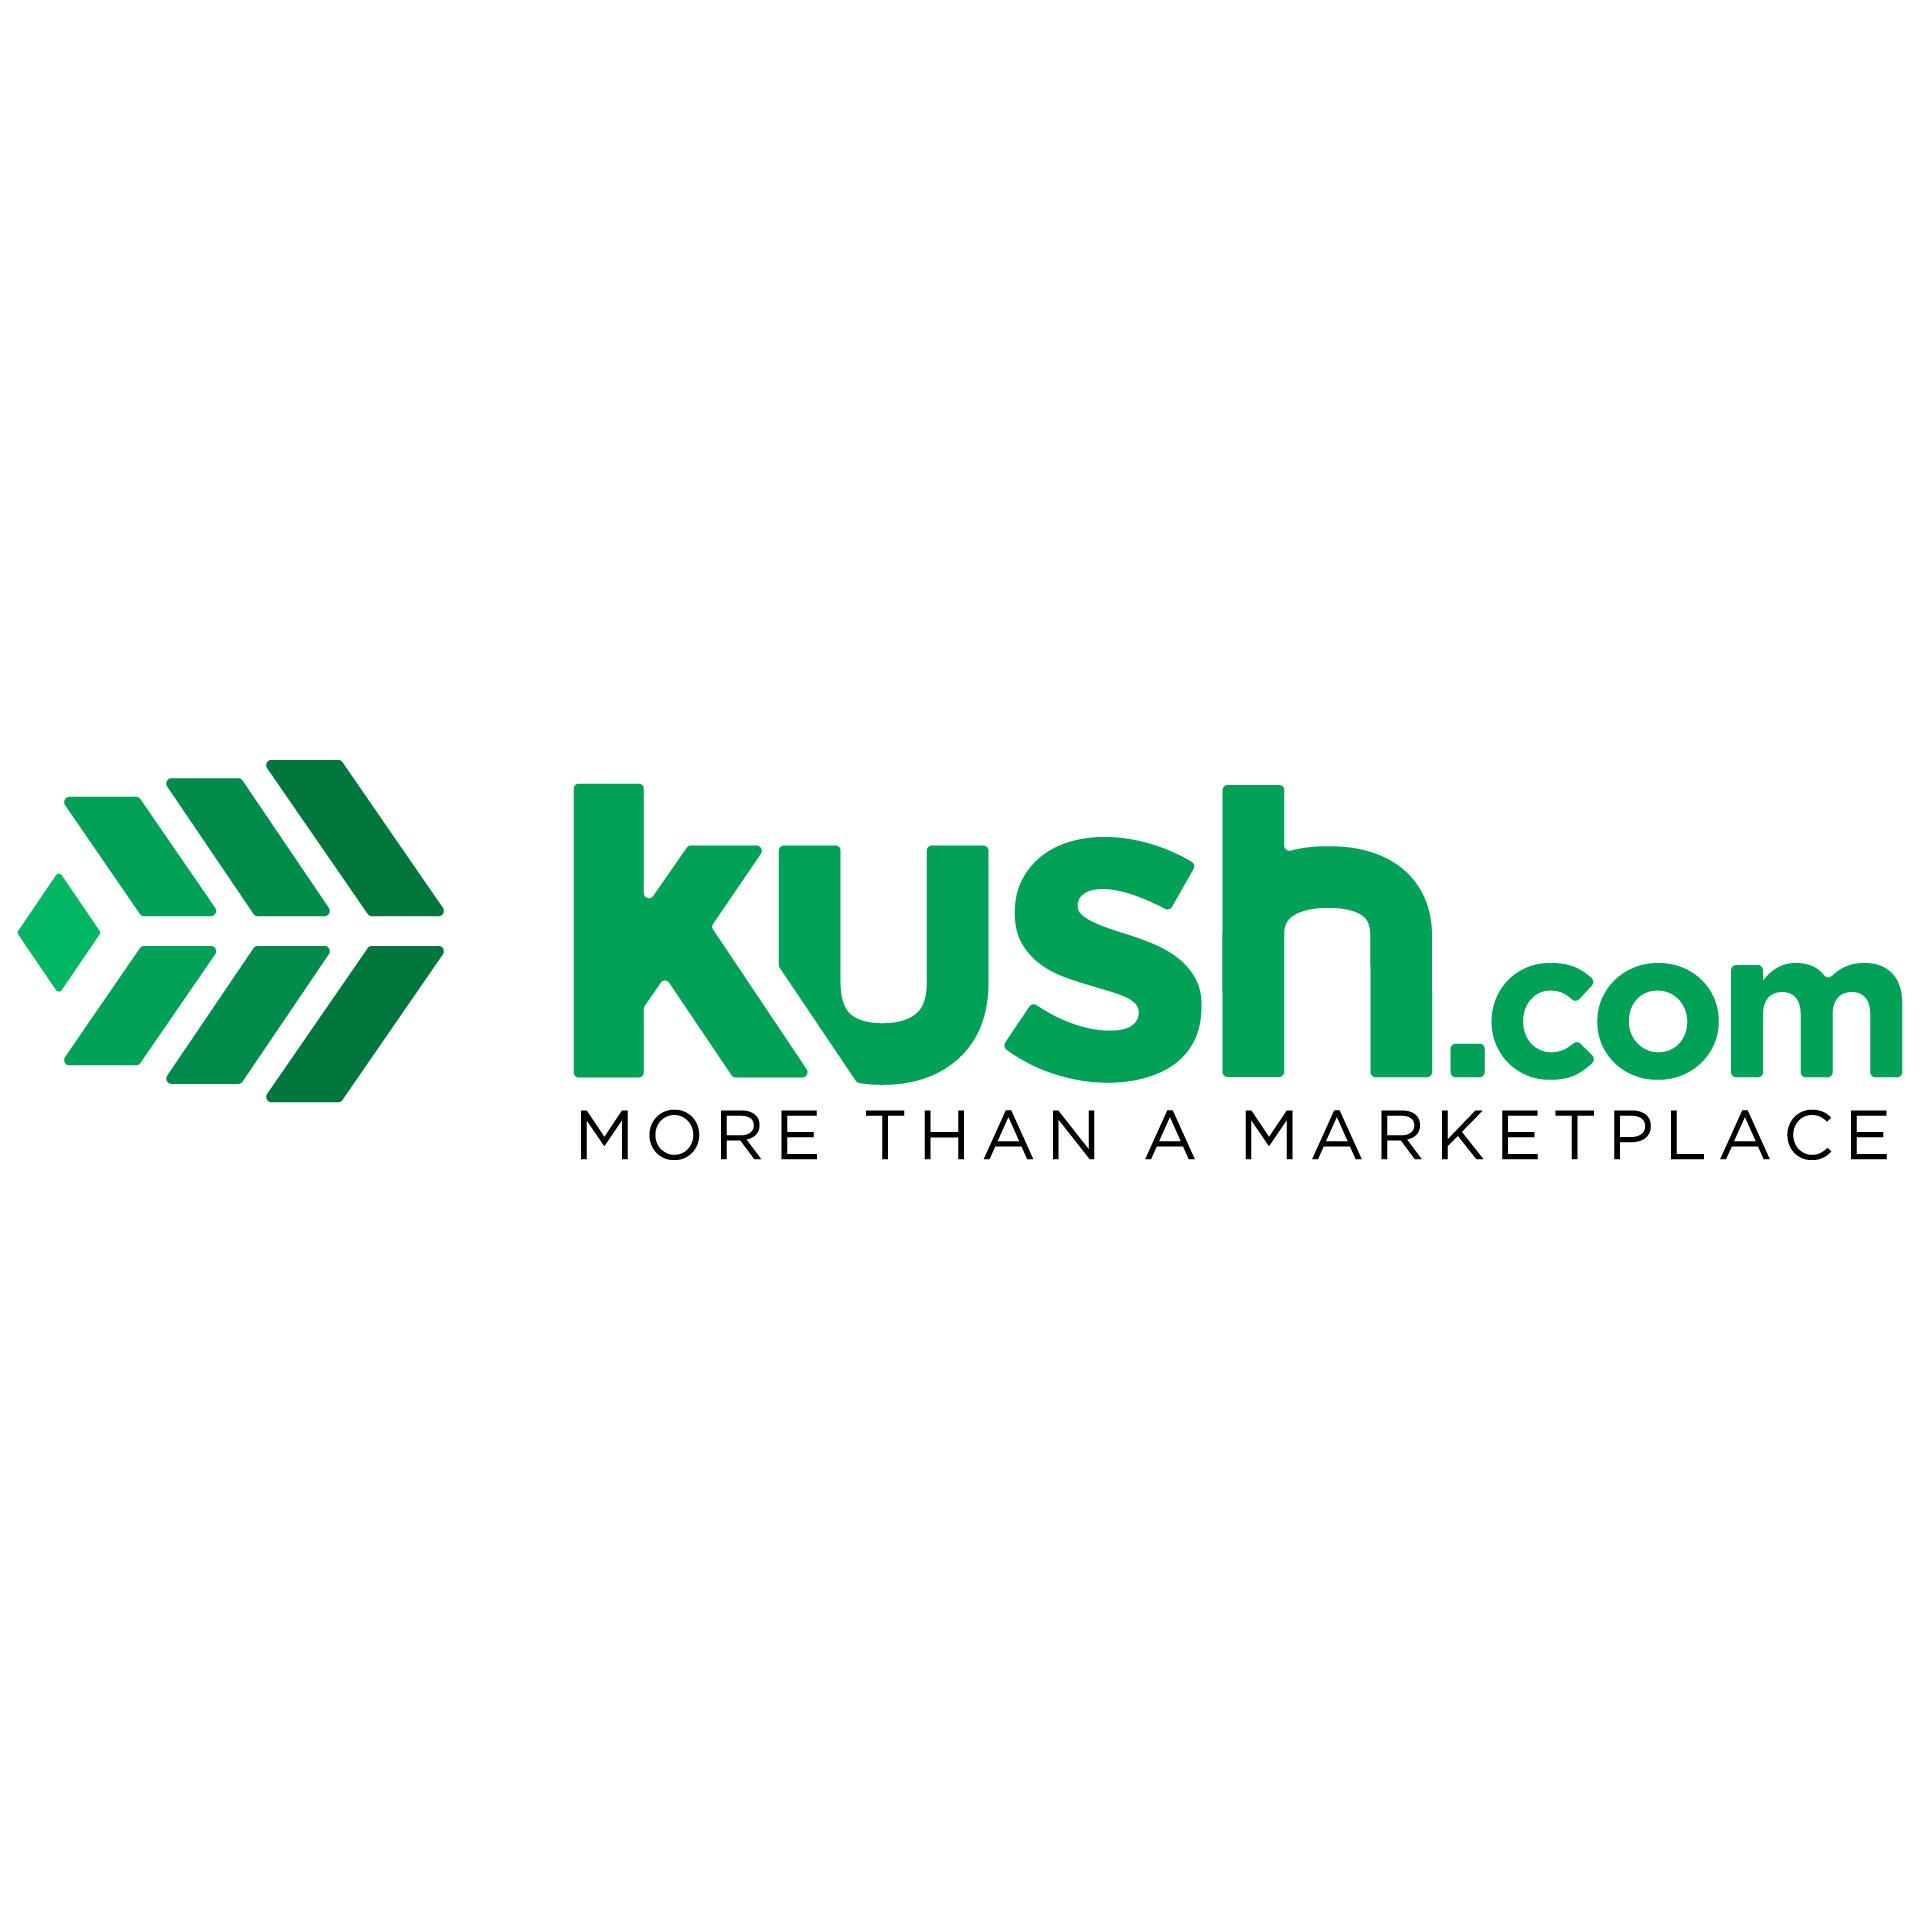 kush-com-logo-square.jpg